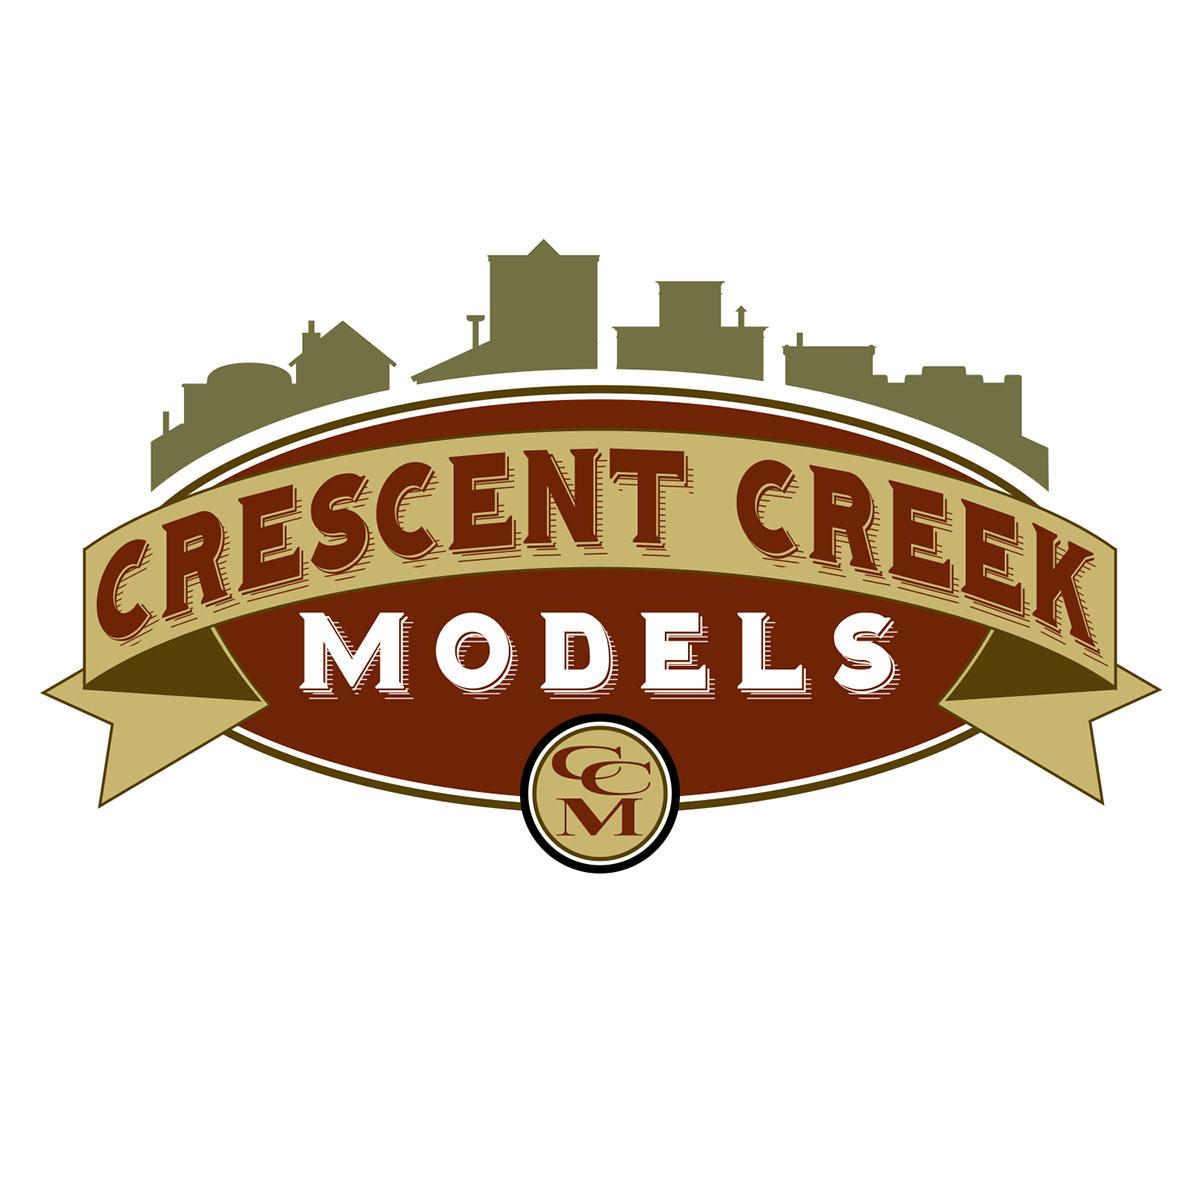 Crescent Creek Models Logo